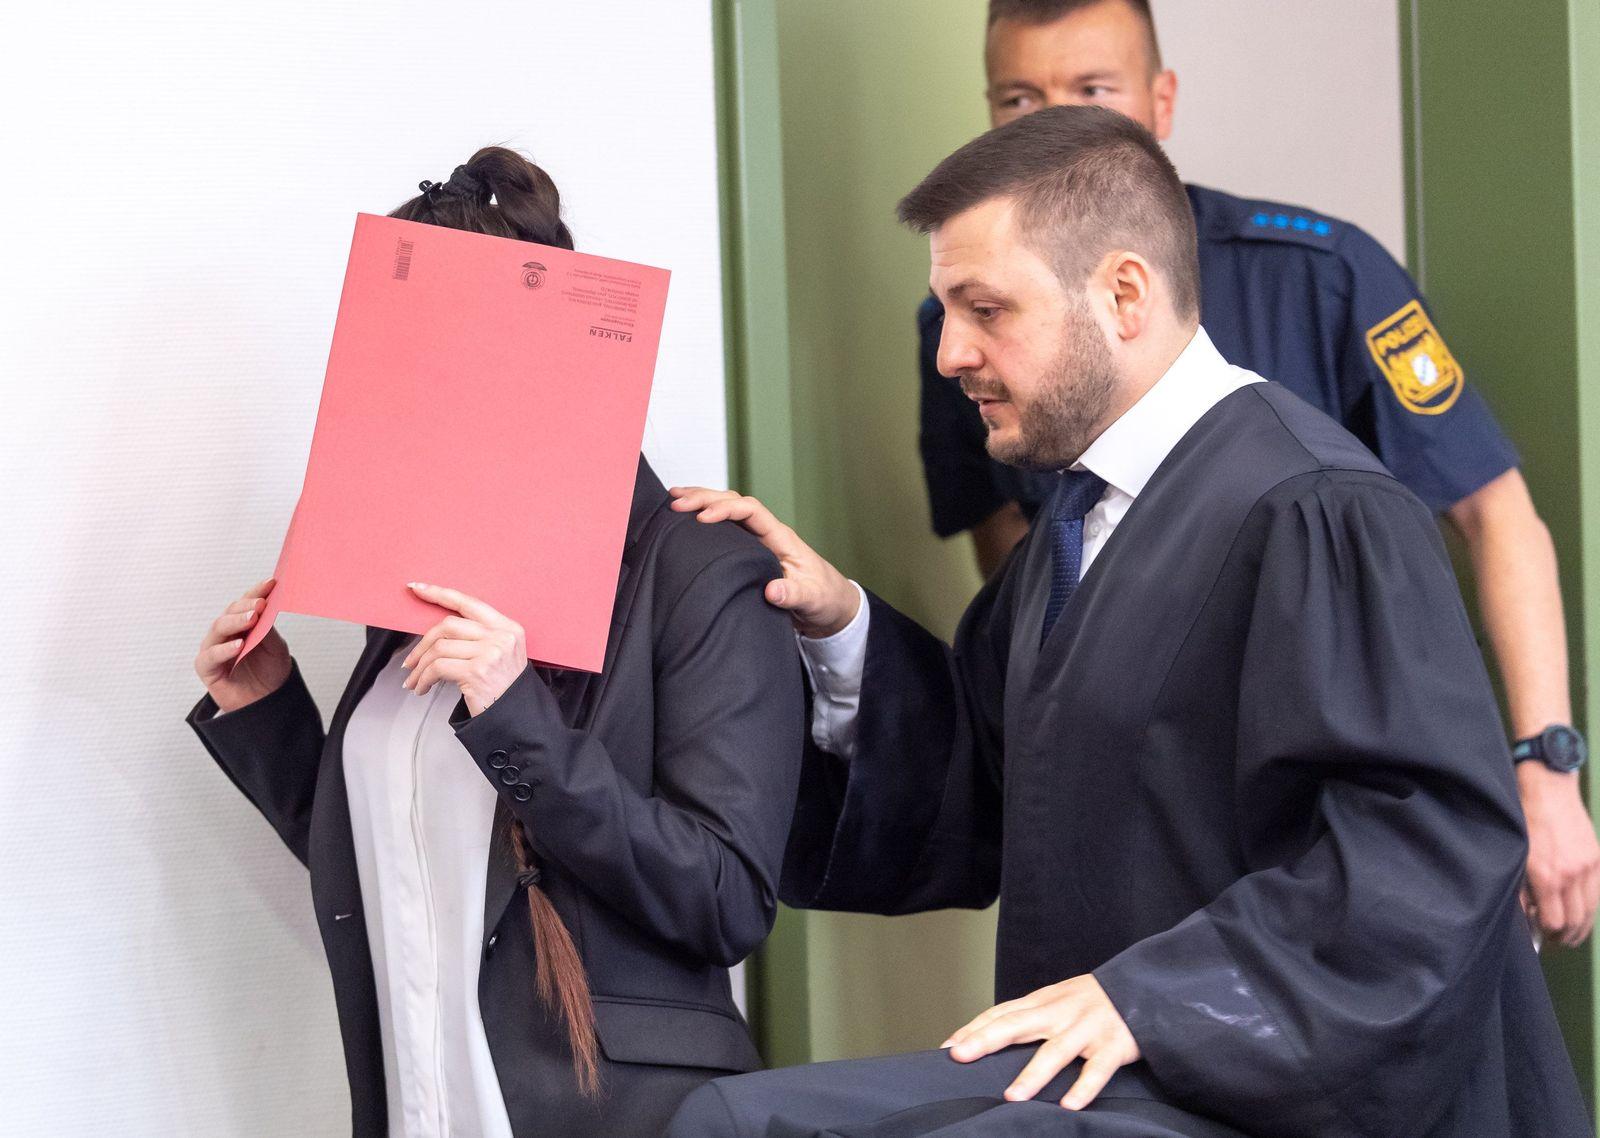 Prozess gegen Deutsche wegen Mitgliedschaft im IS